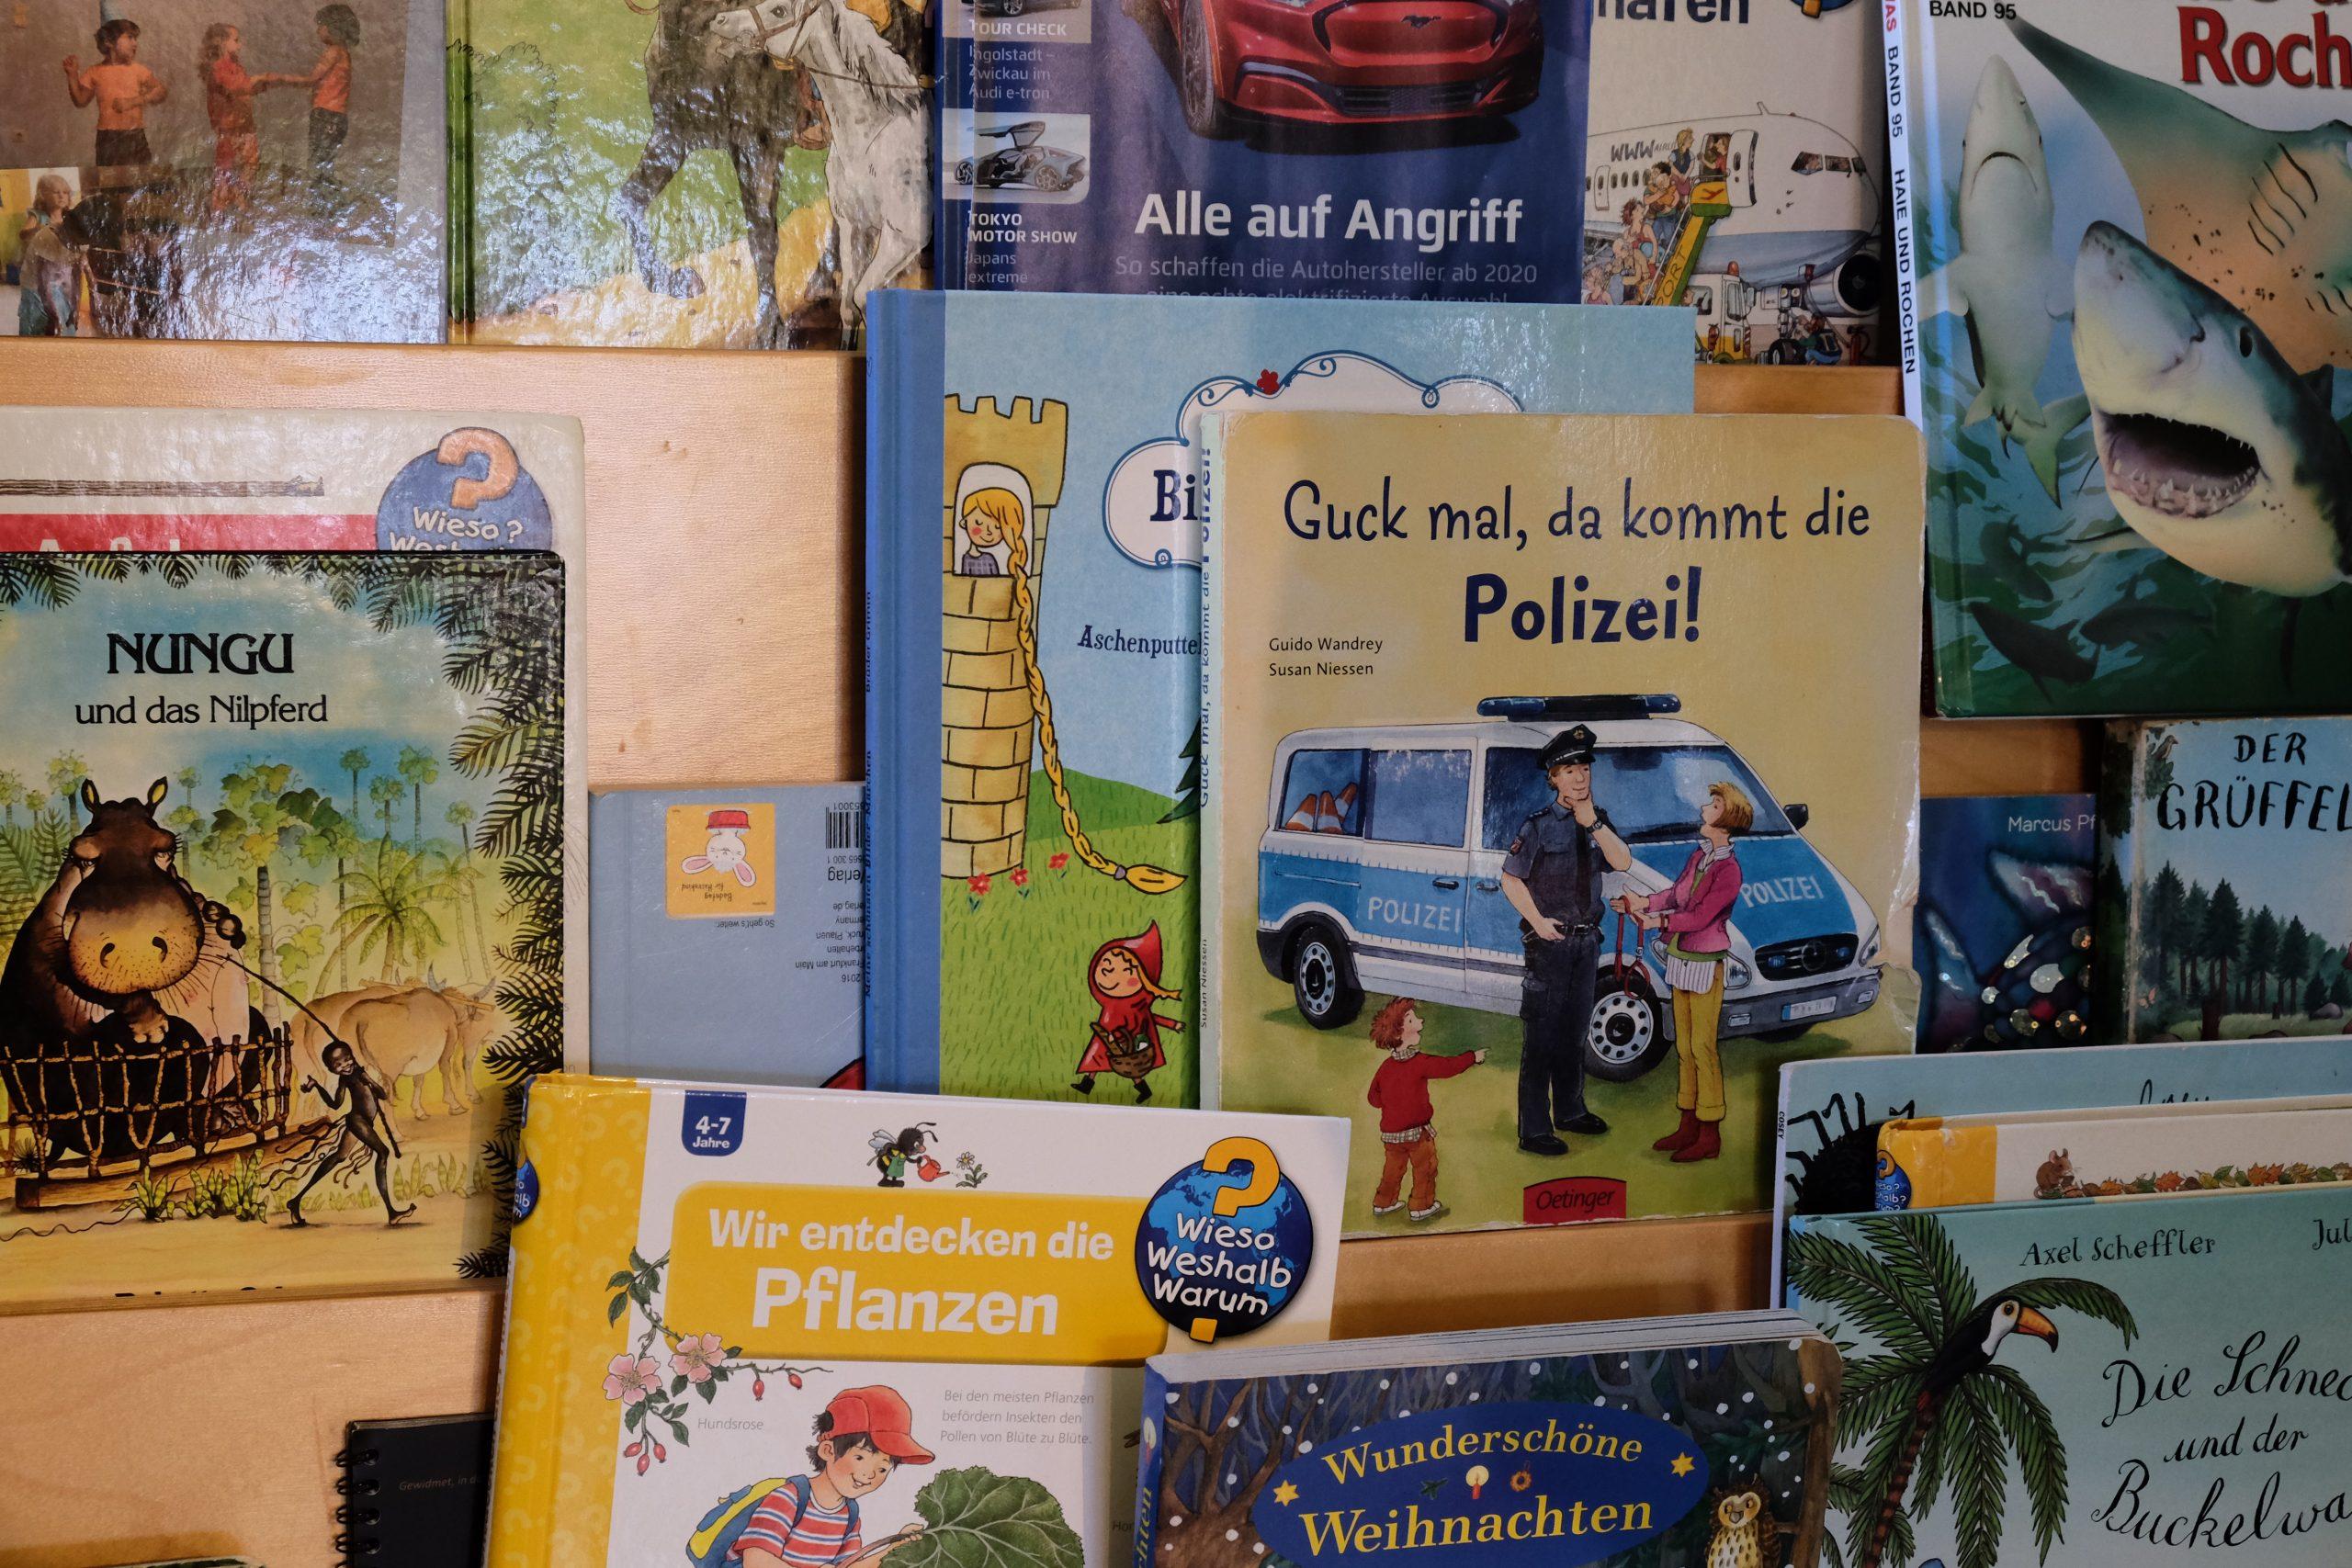 Kinderbücher auf dem Regal in der Vorschulgruppe